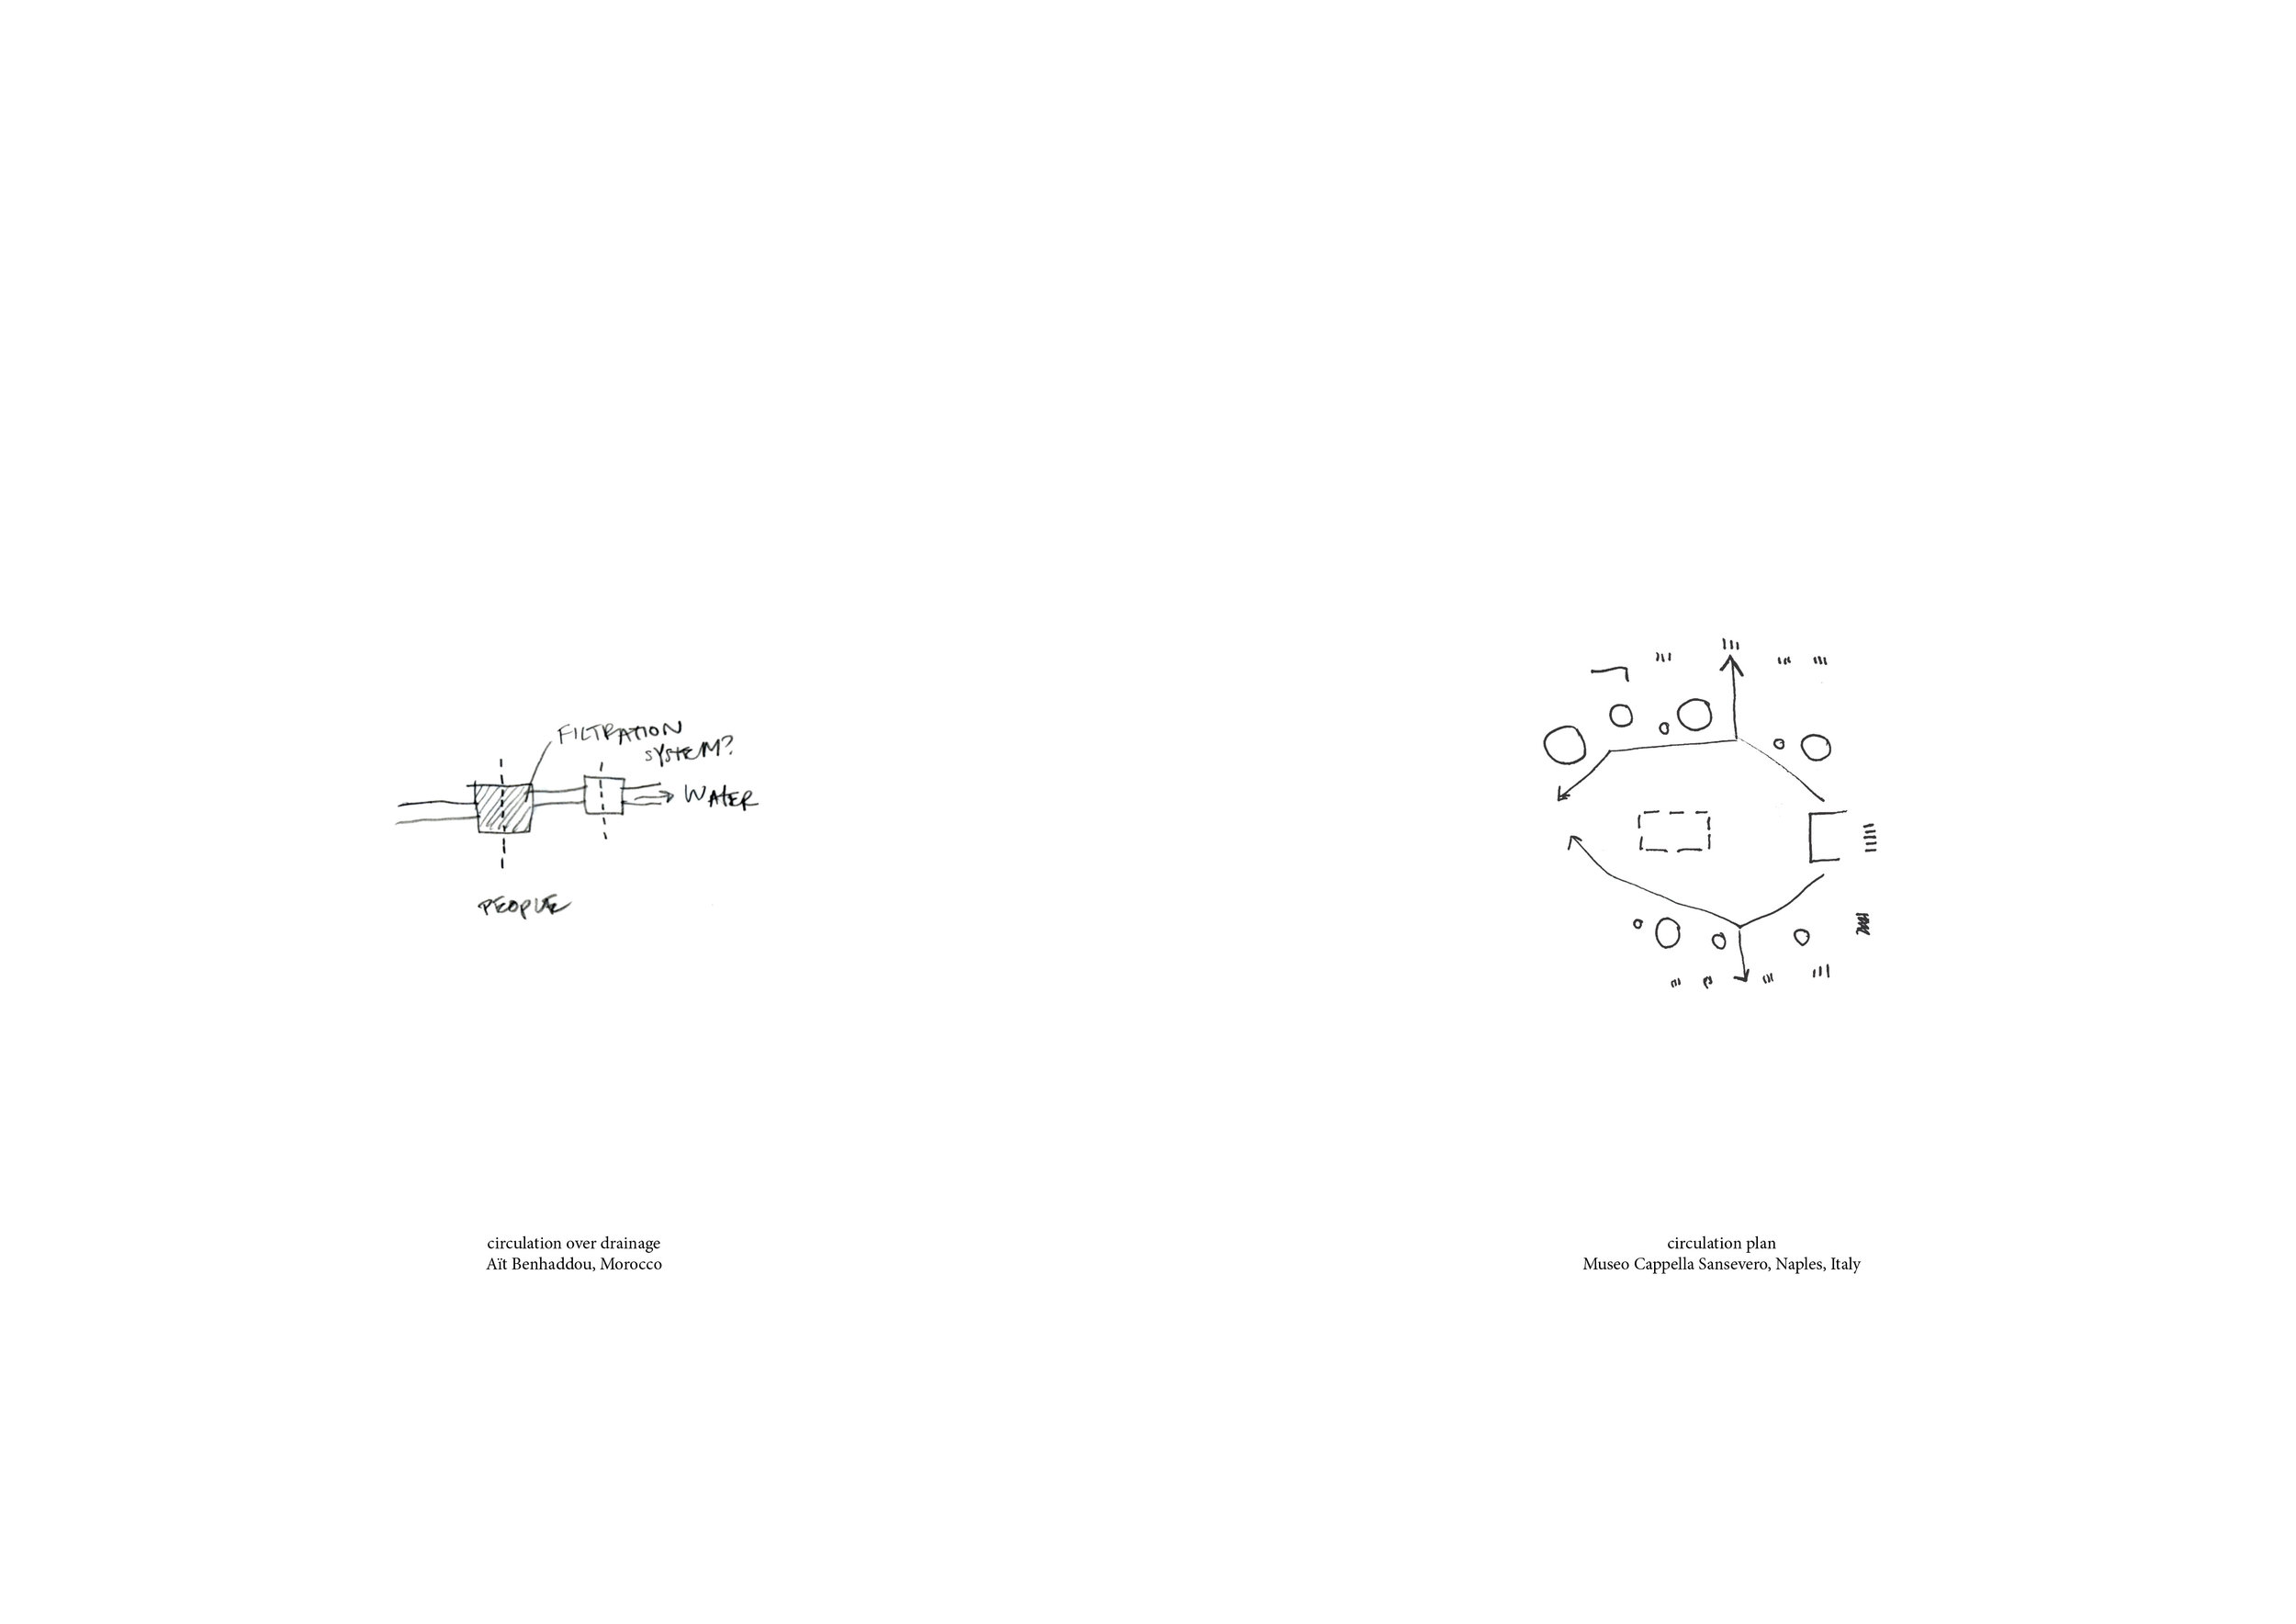 web diagram book print 314.jpg